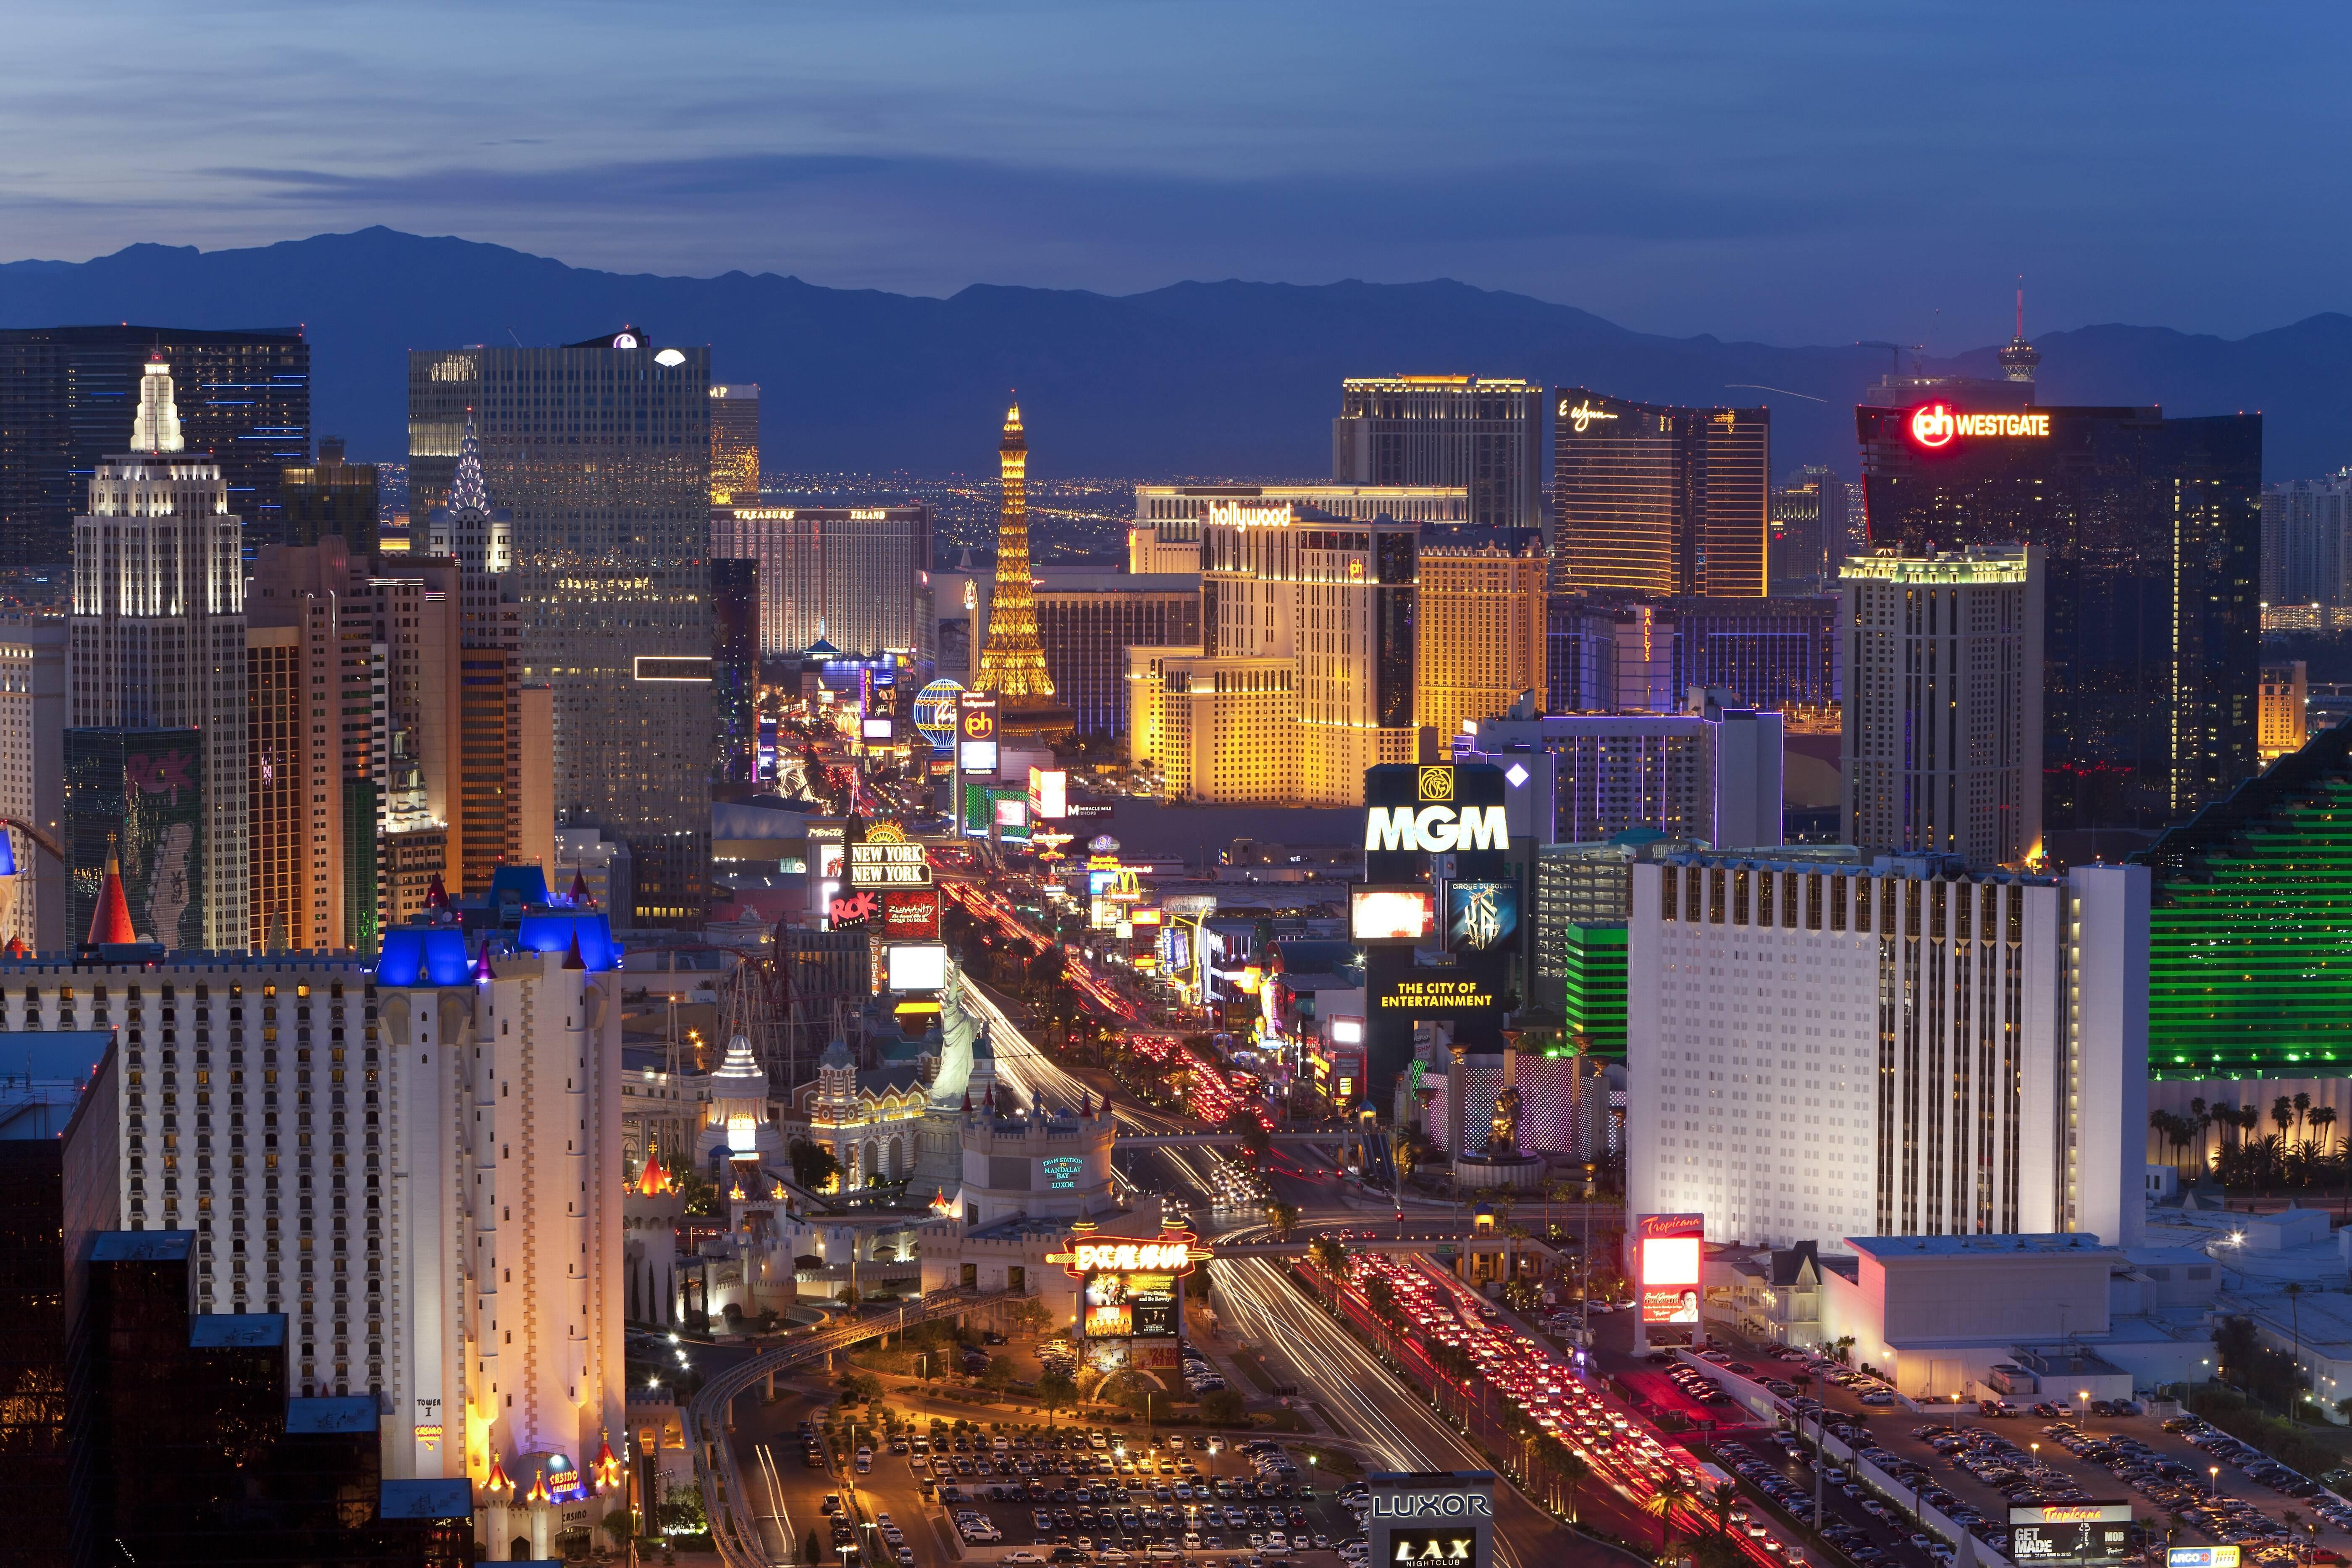 Restaurantes, hotéis, boates e passeios para todos os bolsos em Las Vegas . Foto: Getty Images